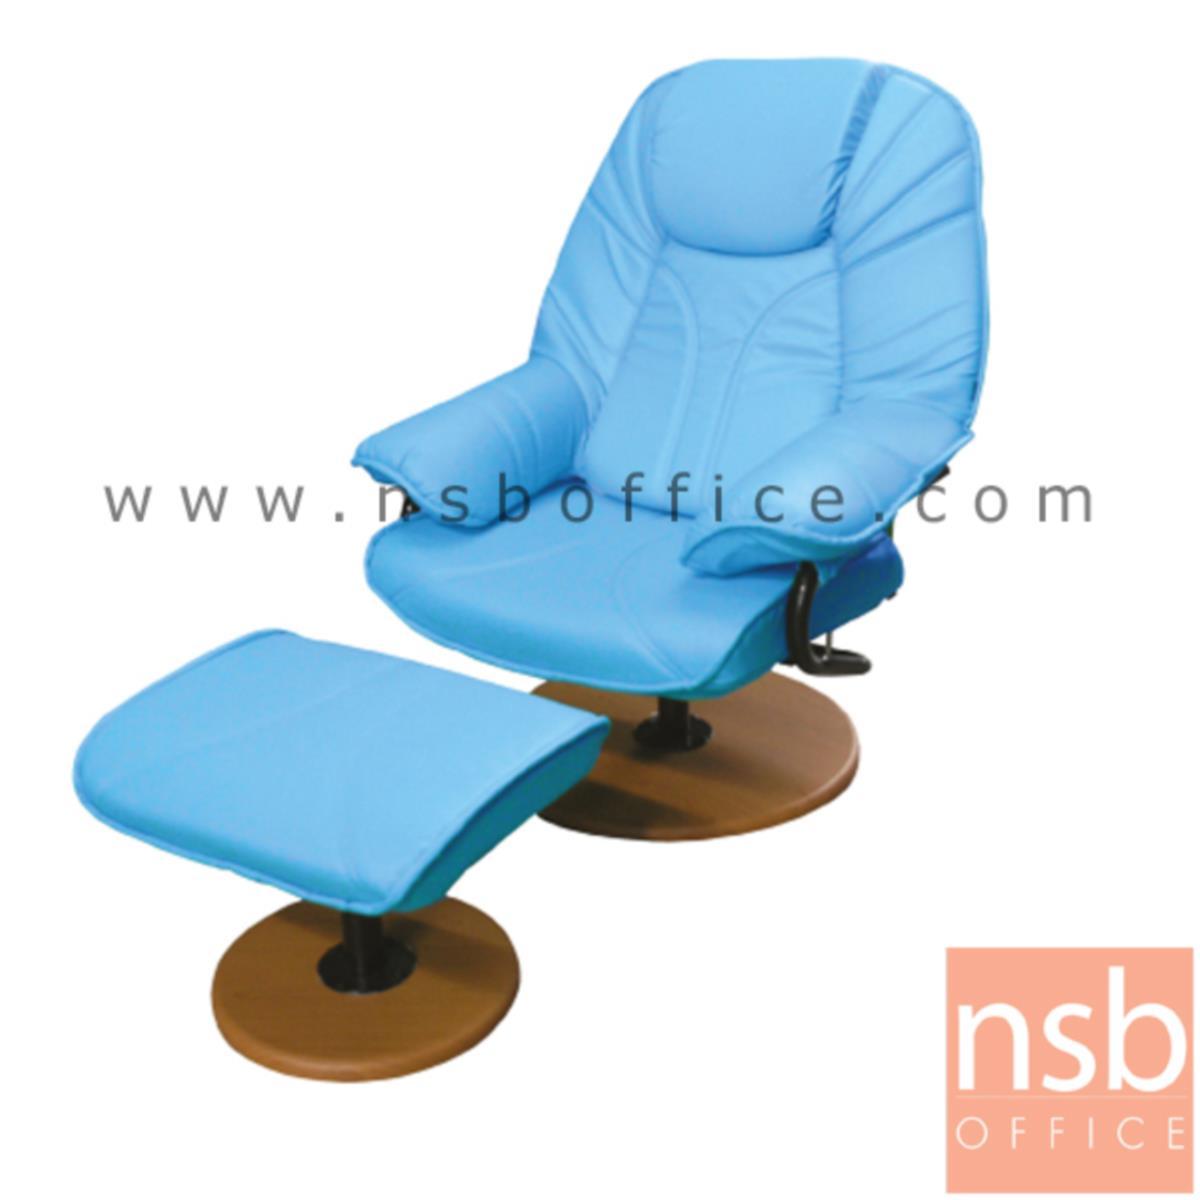 เก้าอี้พักผ่อน รุ่น Quentin (เควนติน) ขนาด 82W cm. พร้อมที่วางเท้า